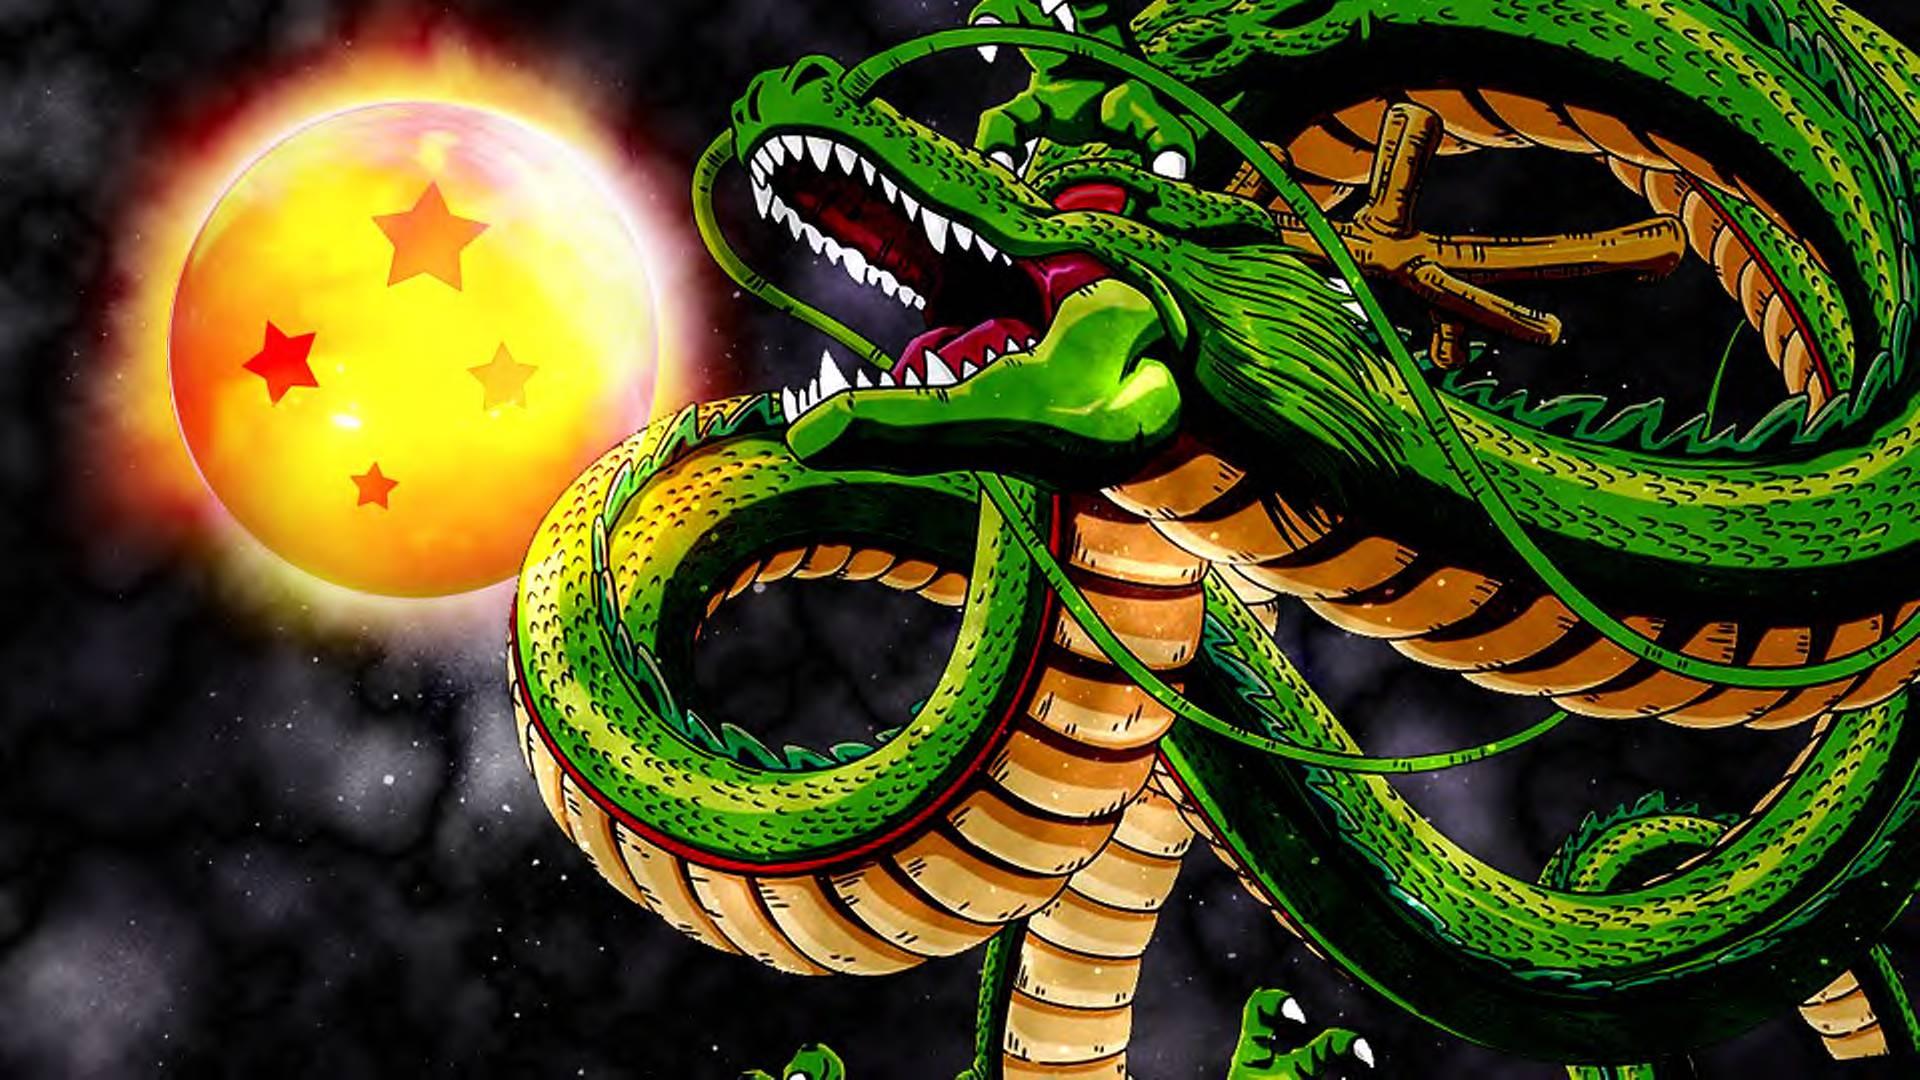 Fondos de dragon ball z goku wallpapers para descargar gratis for Cuartos decorados de dragon ball z